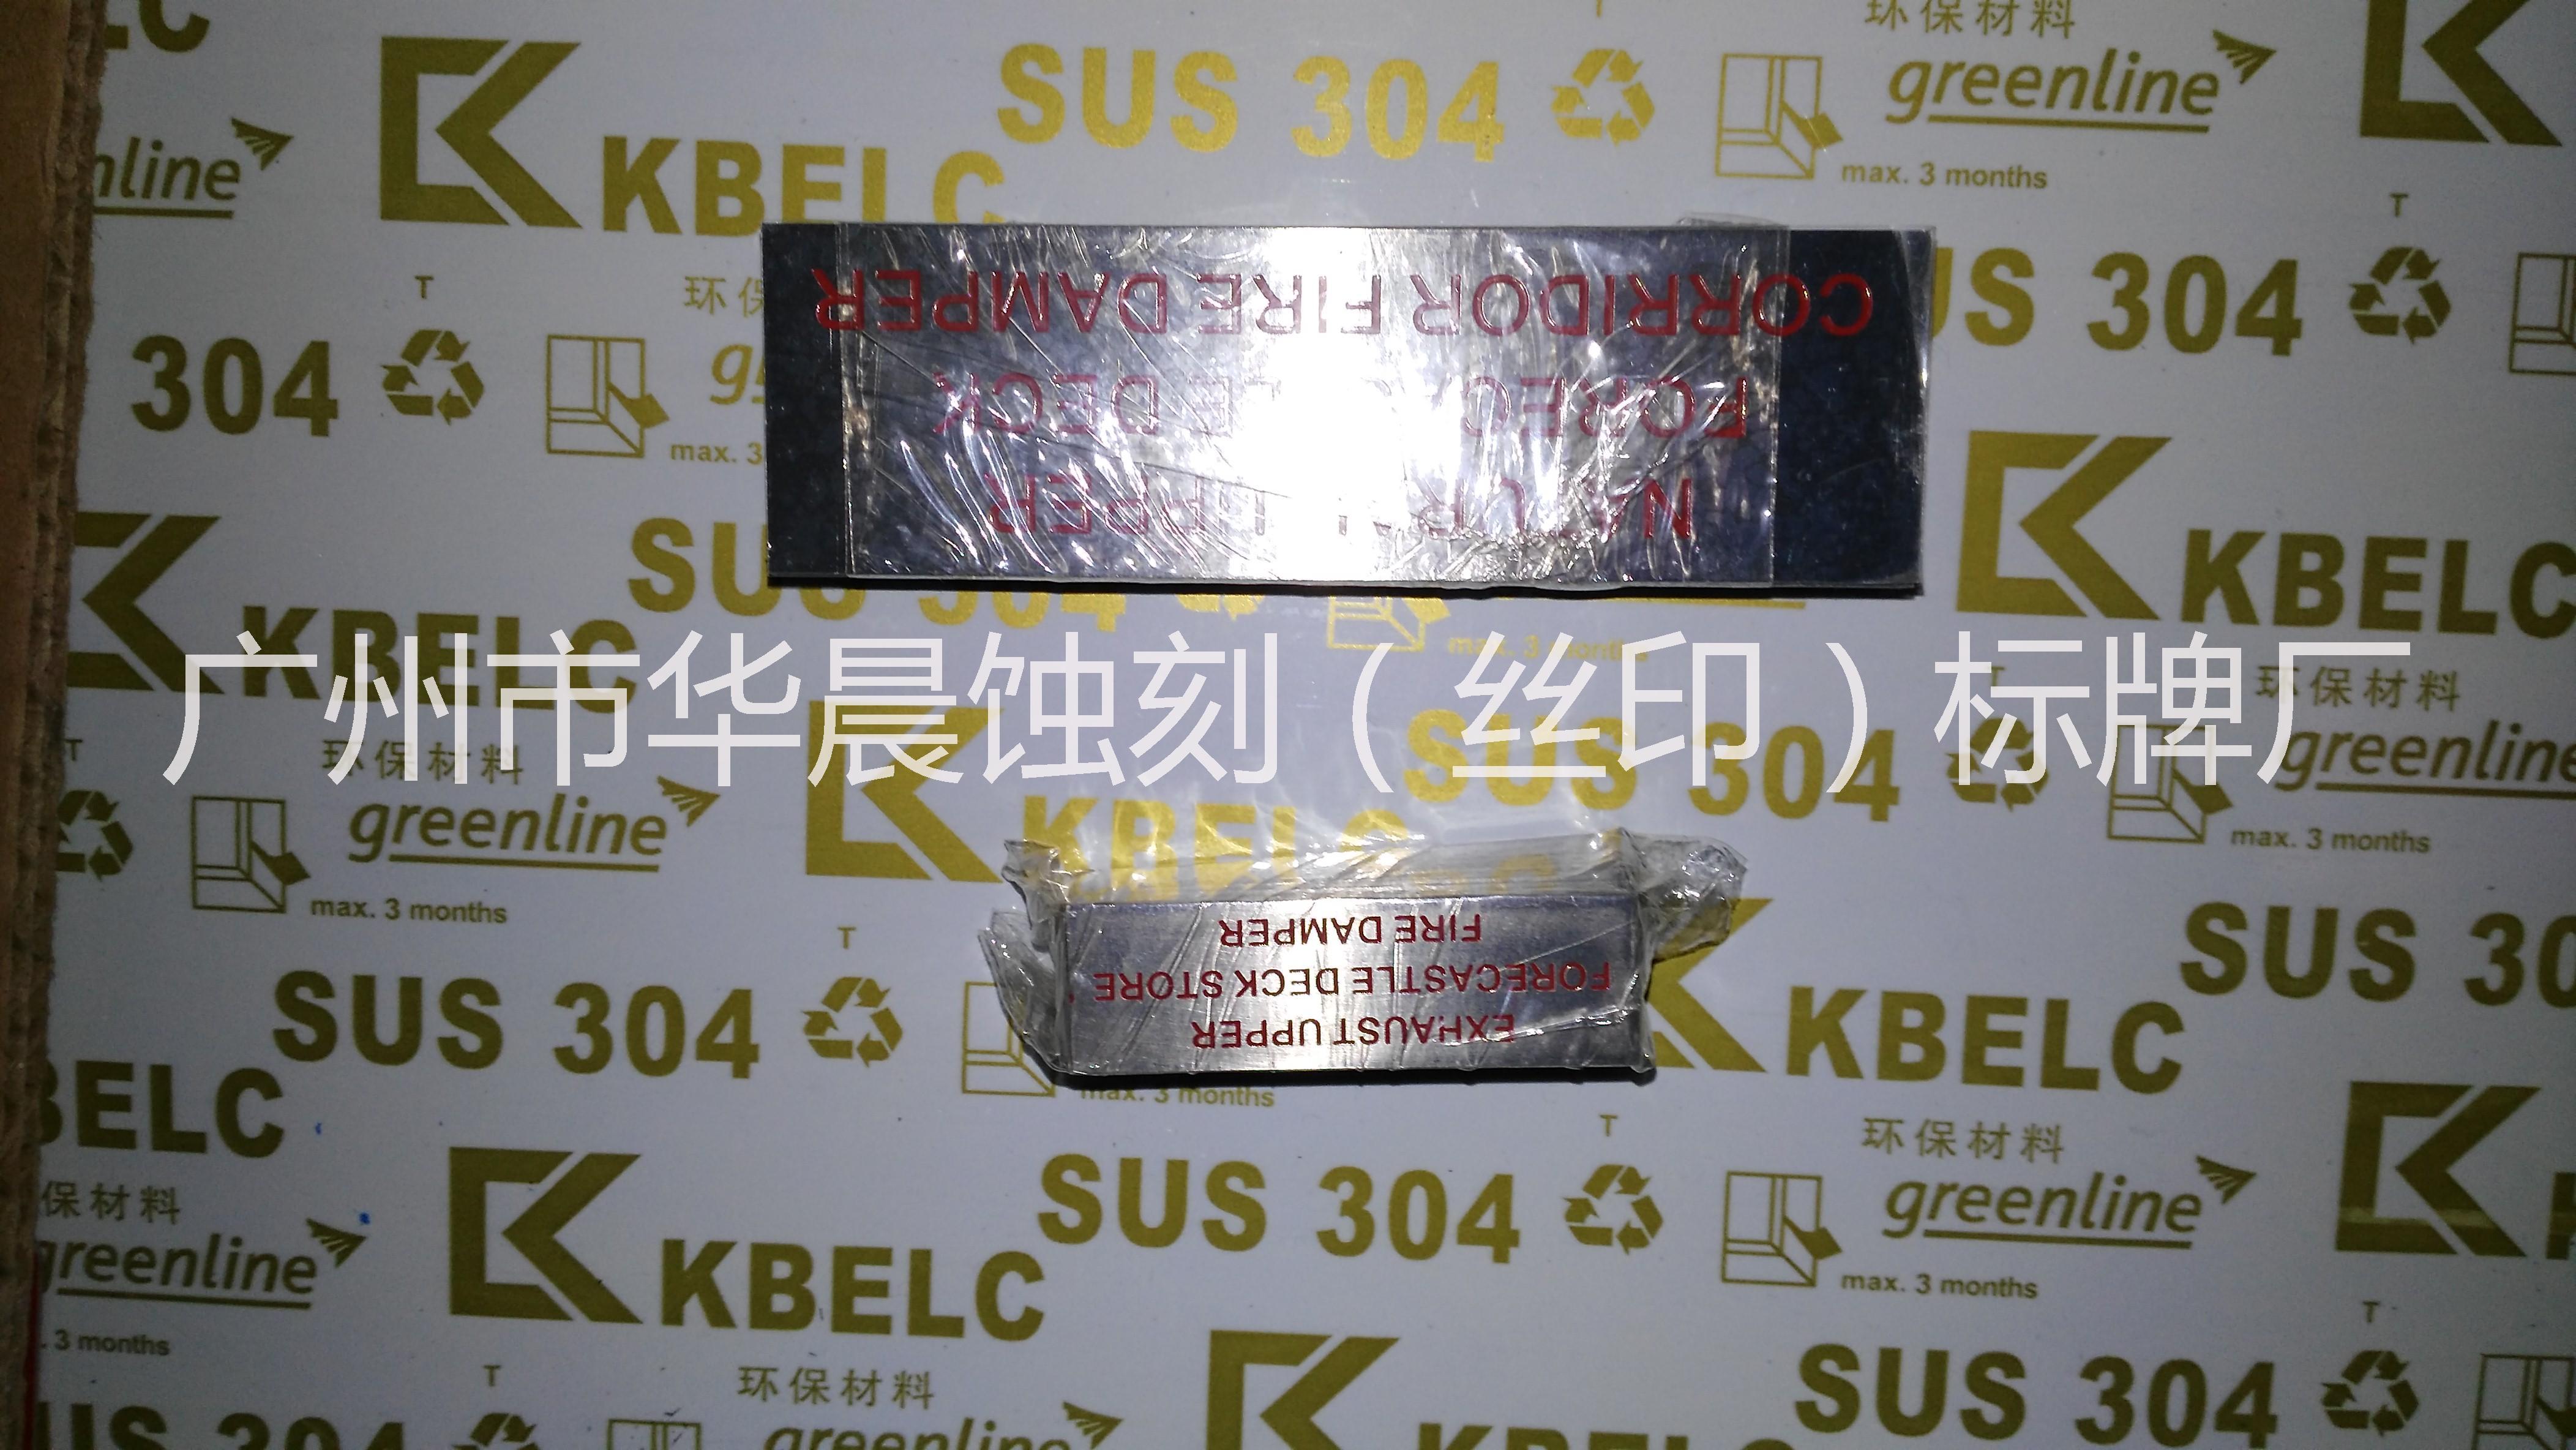 广州金属标牌订做\白云区金属标牌订做报价\珠海金属标牌报价 广州金属标牌定做